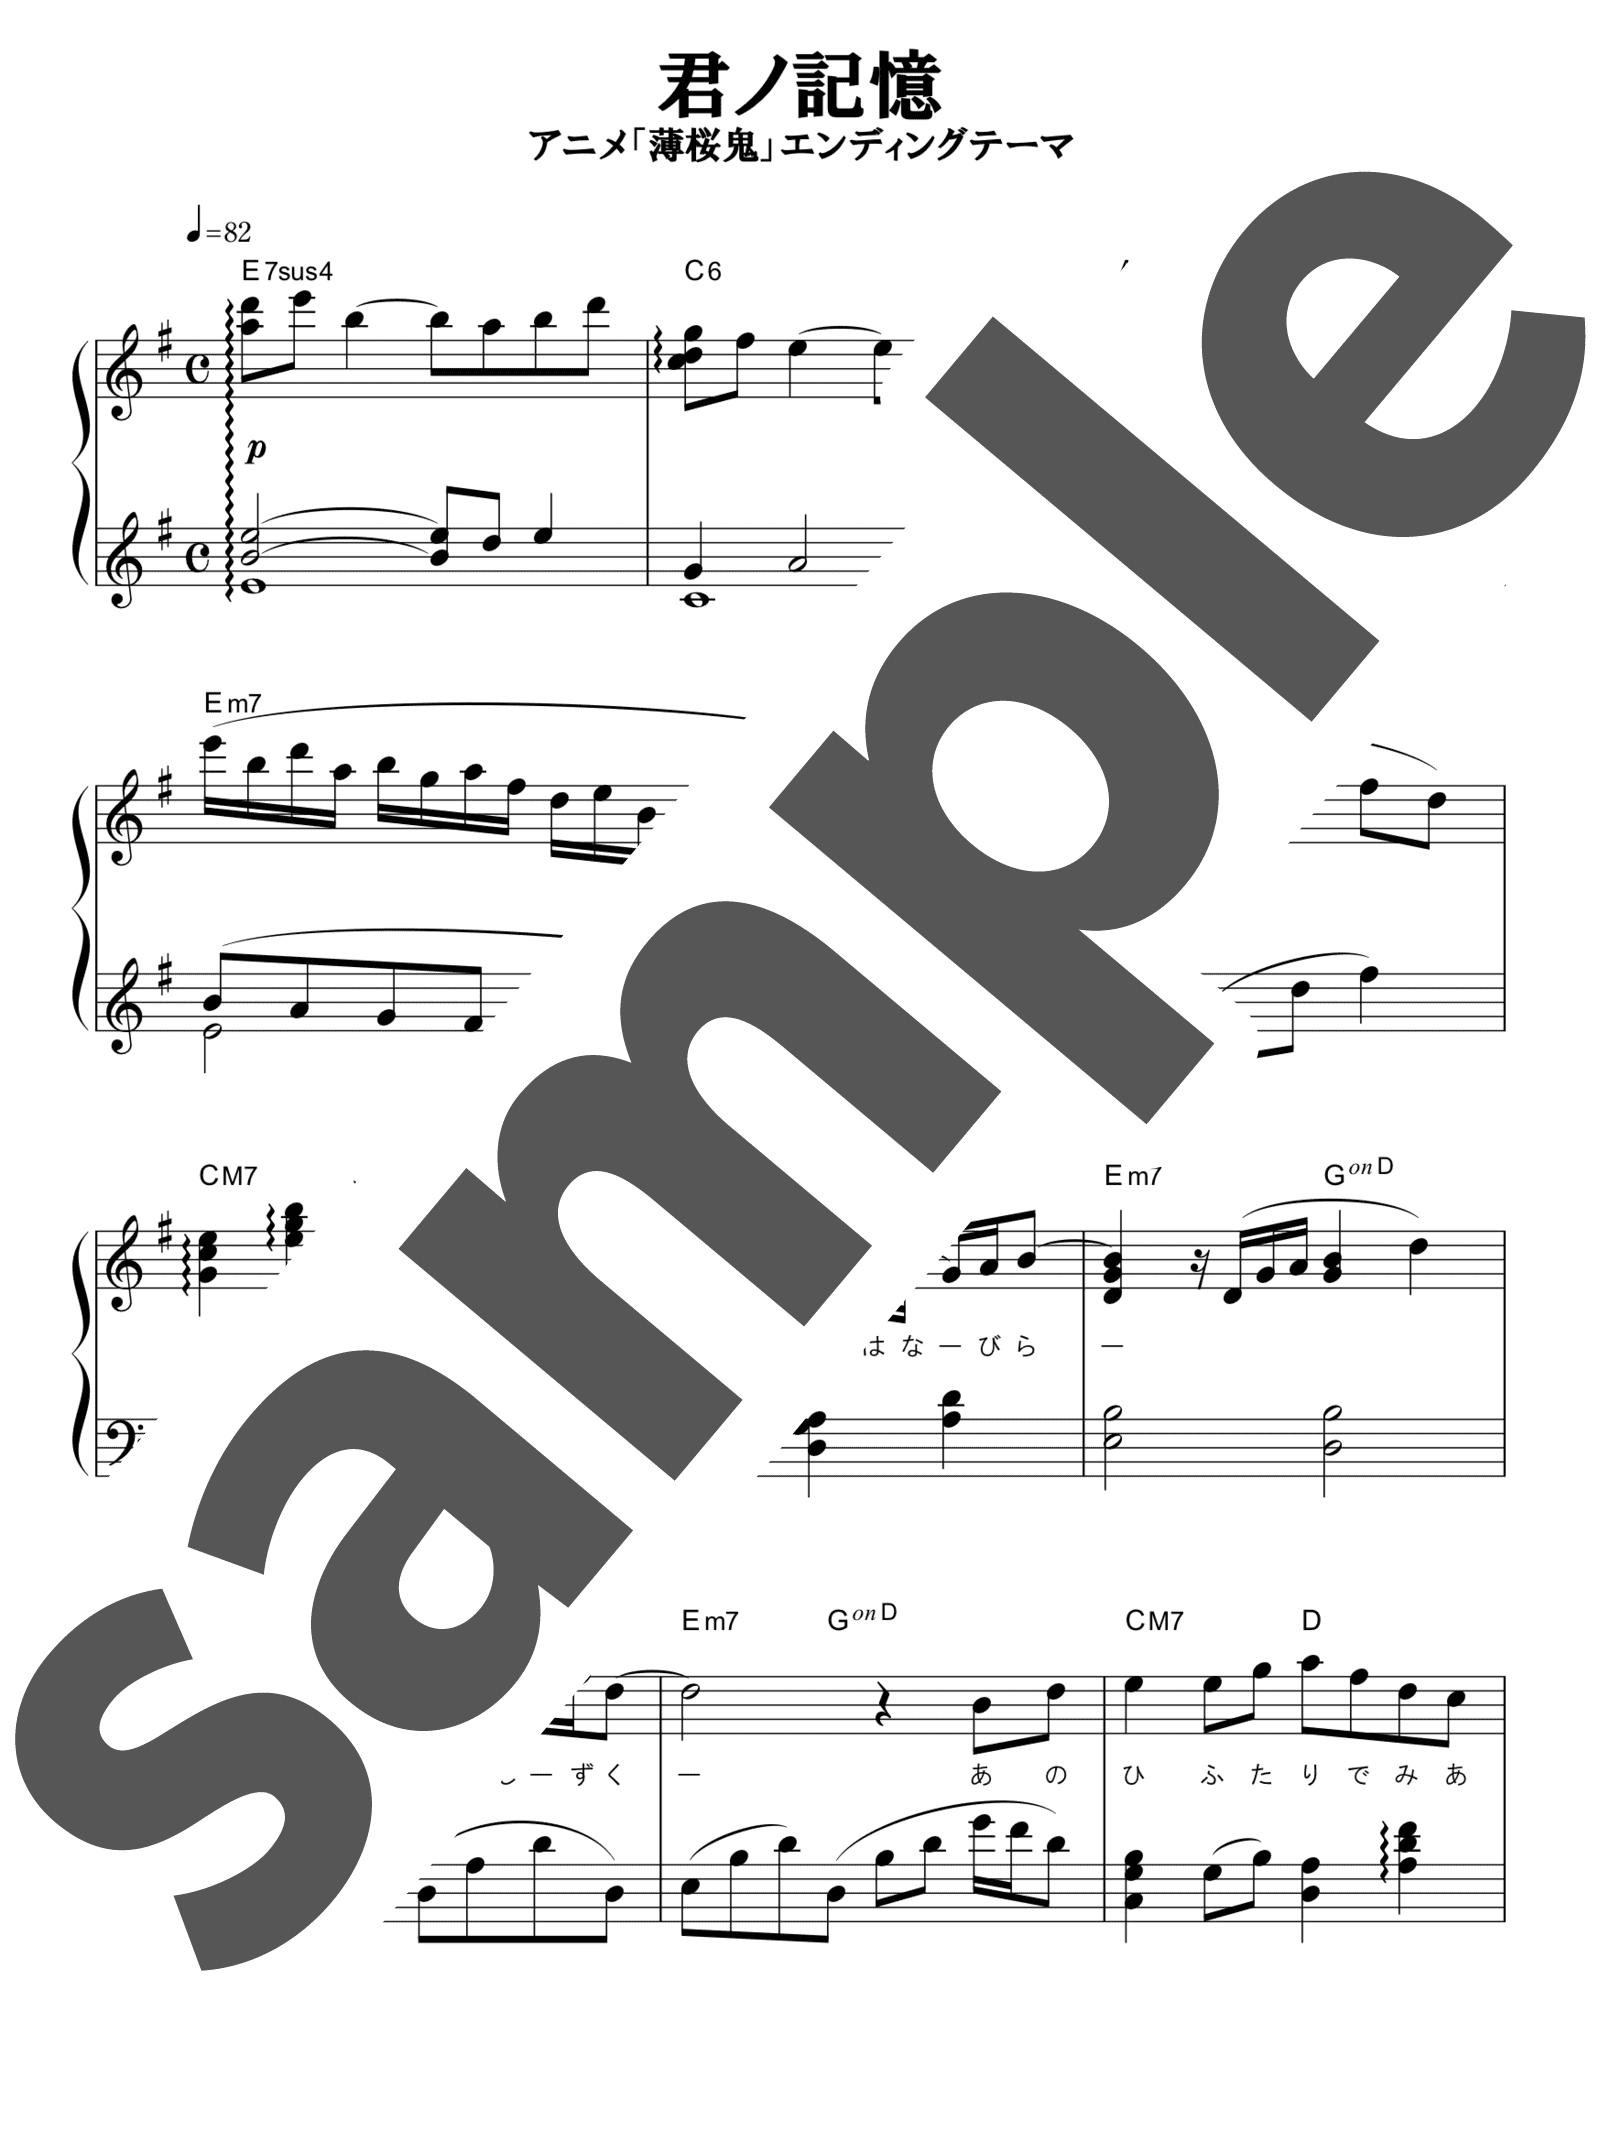 「君ノ記憶」のサンプル楽譜